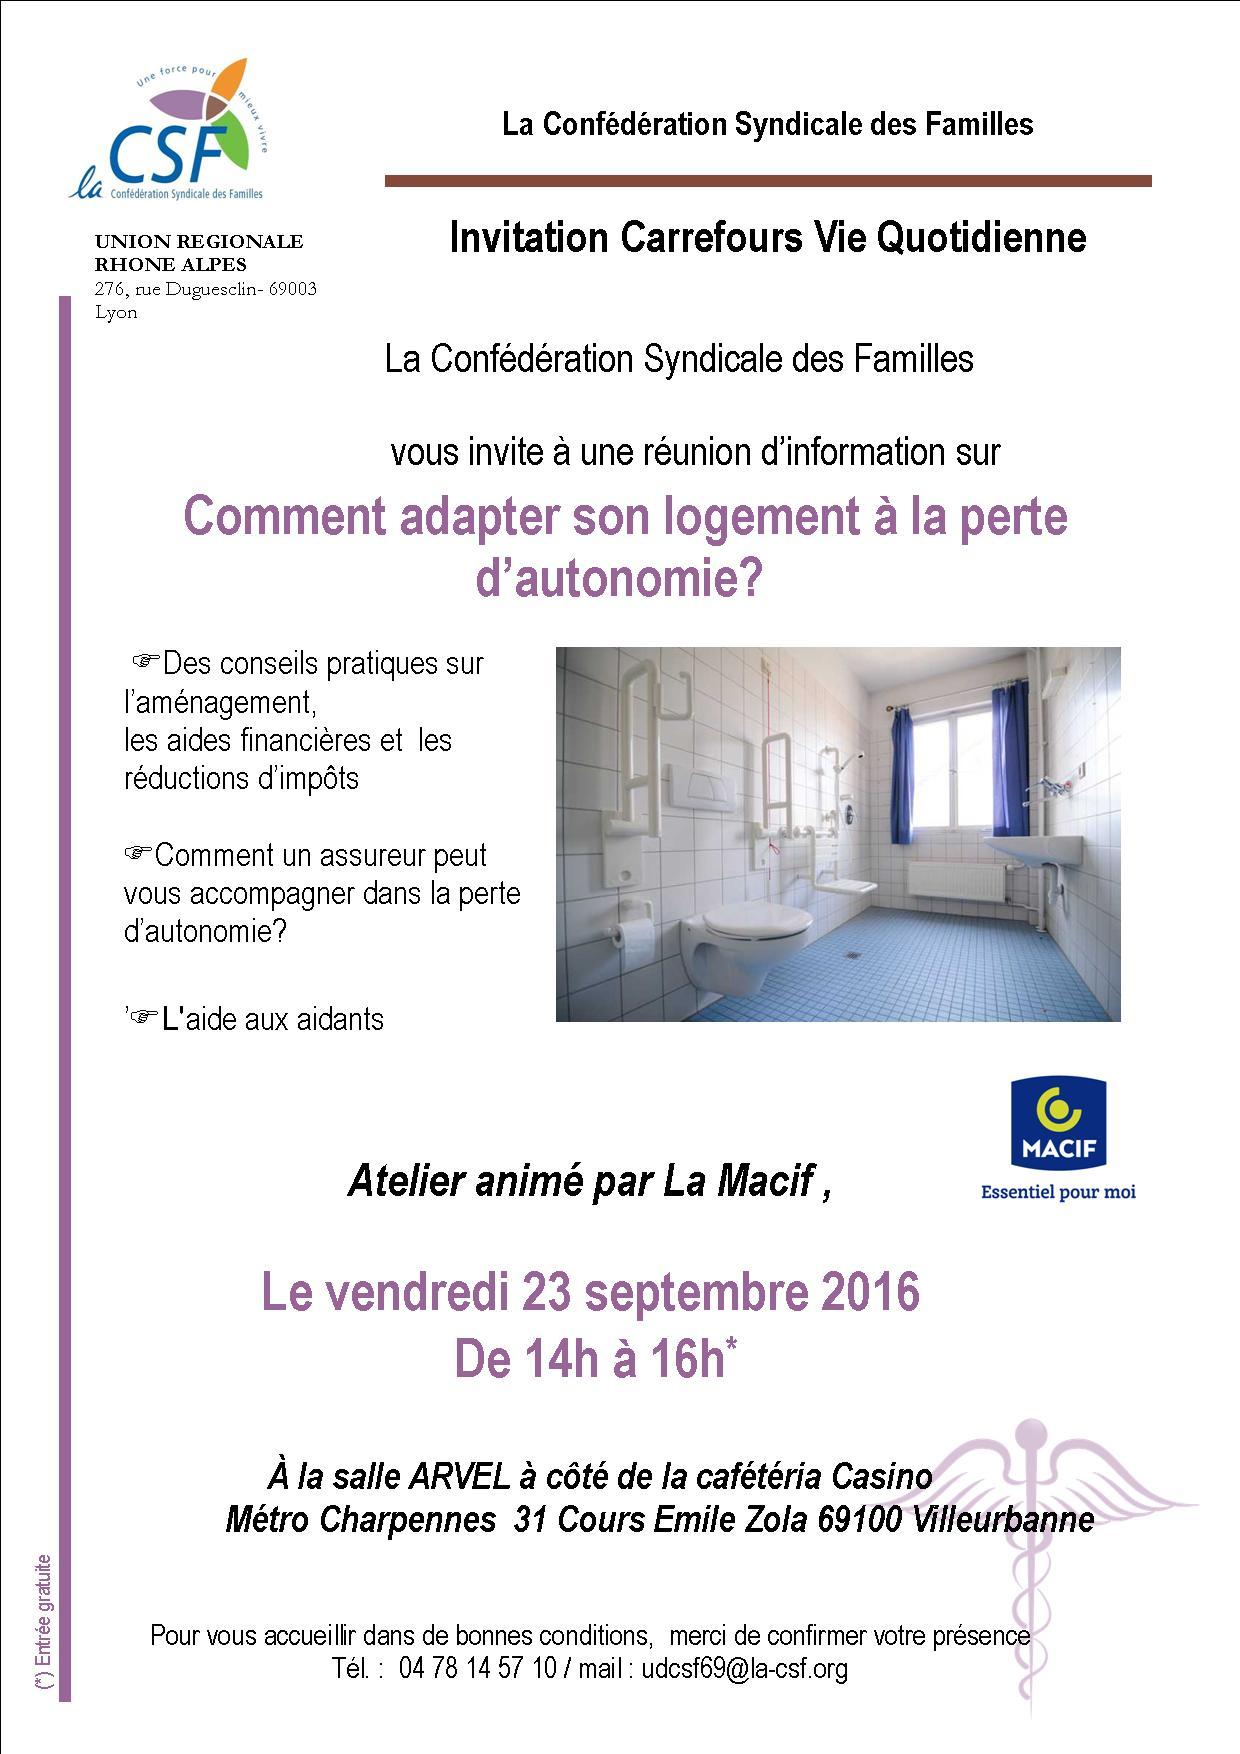 Invitation au CVQ sur l'aména des logements